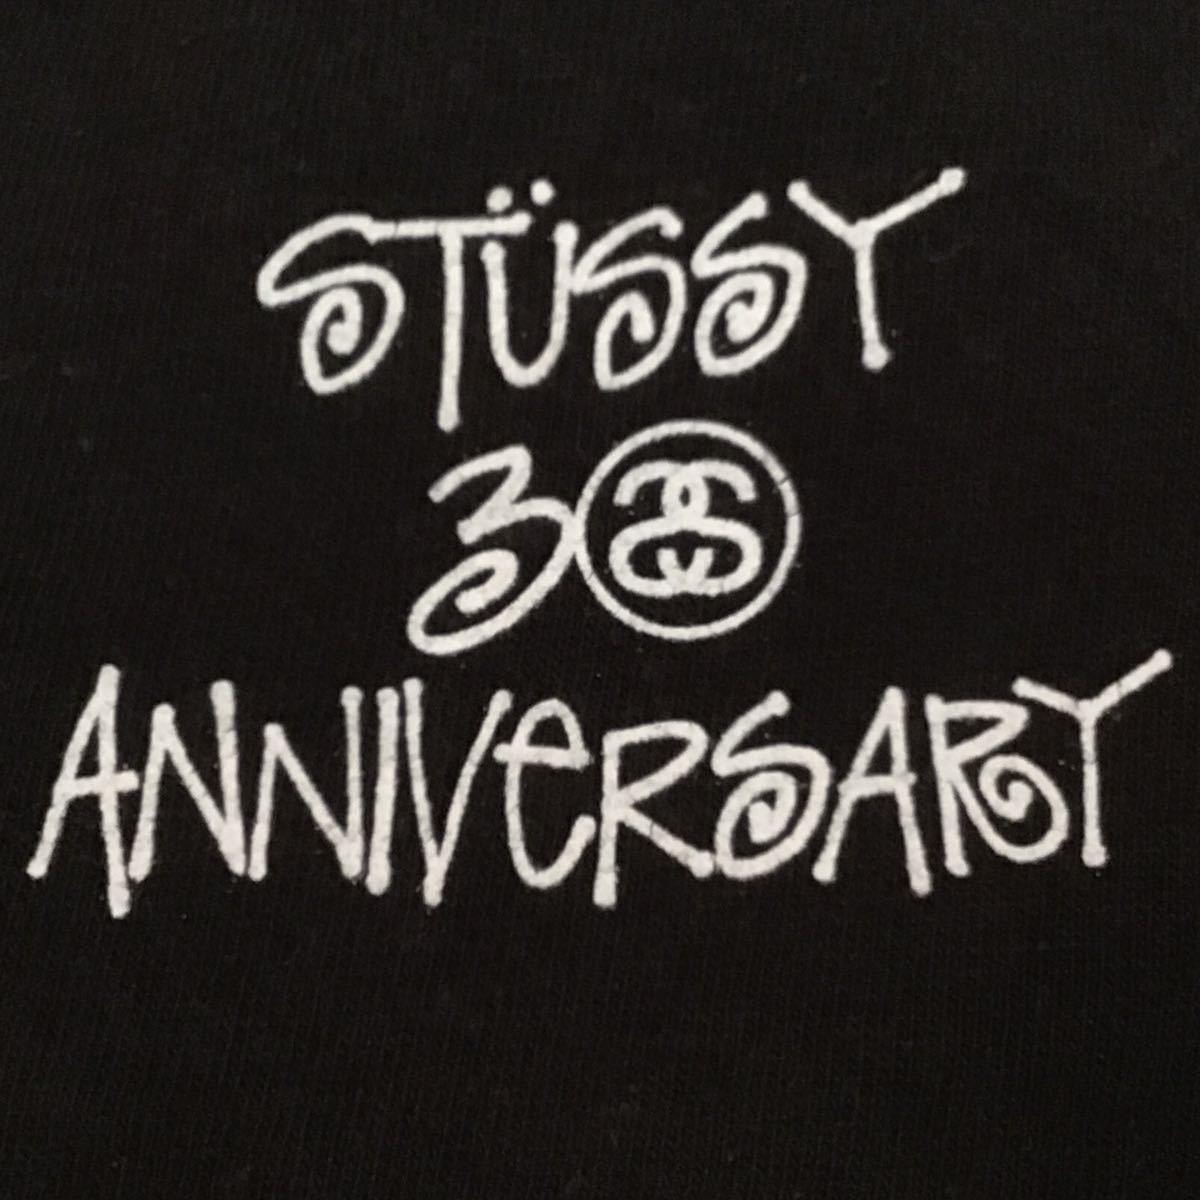 bape × stussy 30周年記念 Tシャツ Sサイズ ABCカモ green a bathing ape エイプ ベイプ アベイシングエイプ ABC camo ステューシー m893